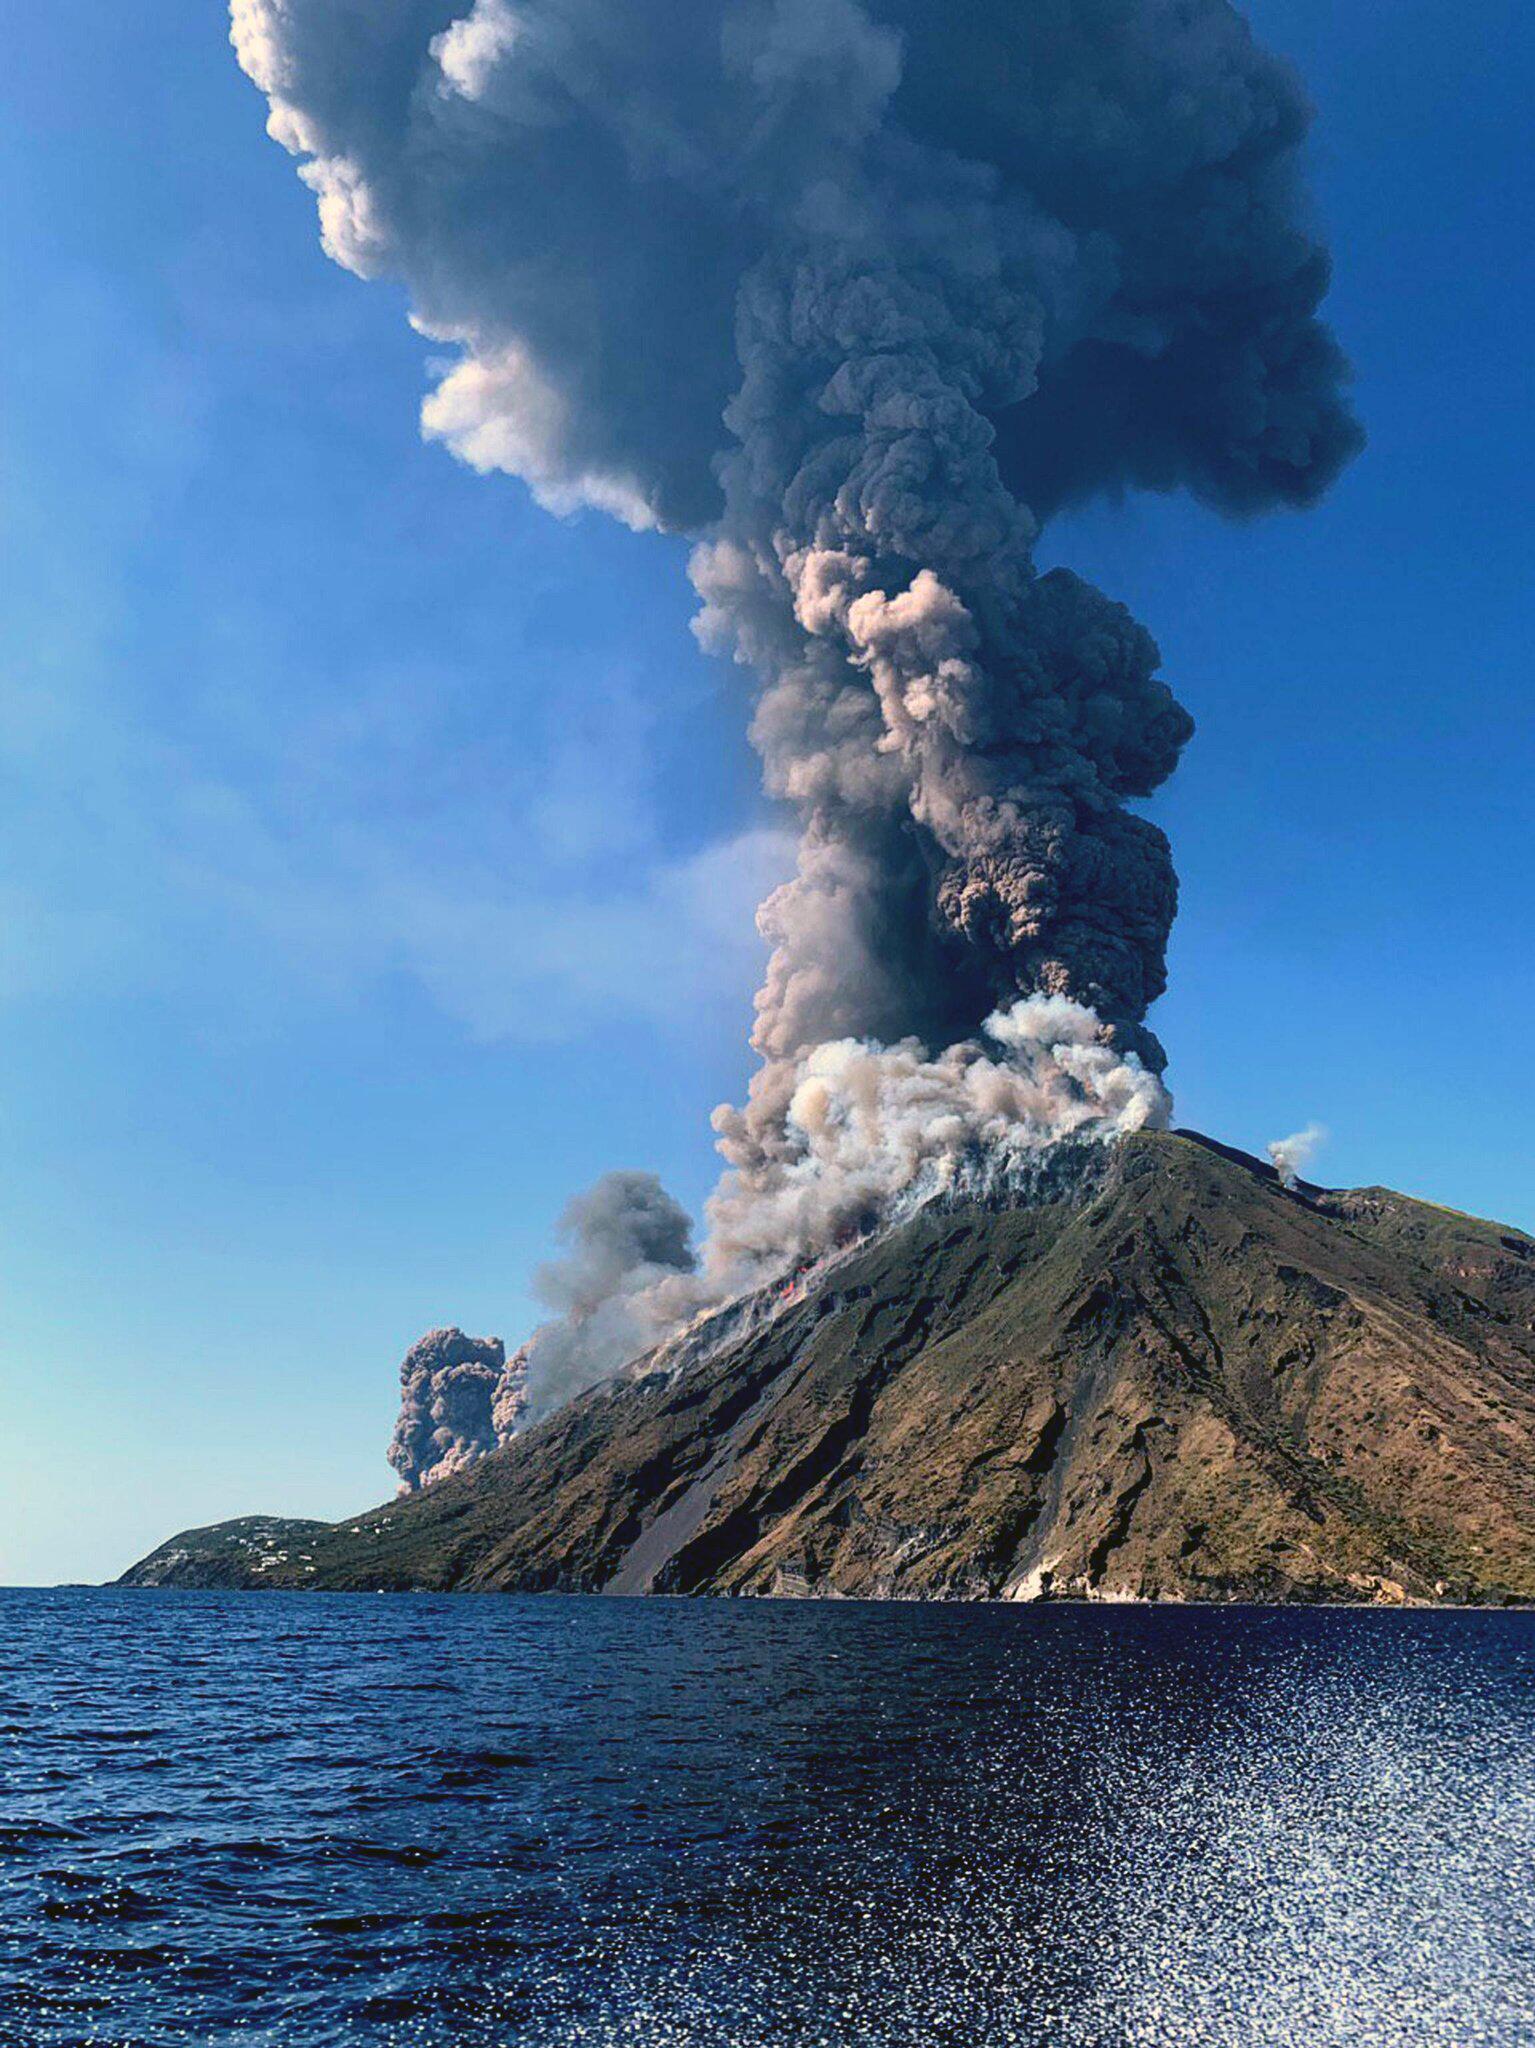 Bild zu Grosser Ausbruch am Vulkan Stromboli